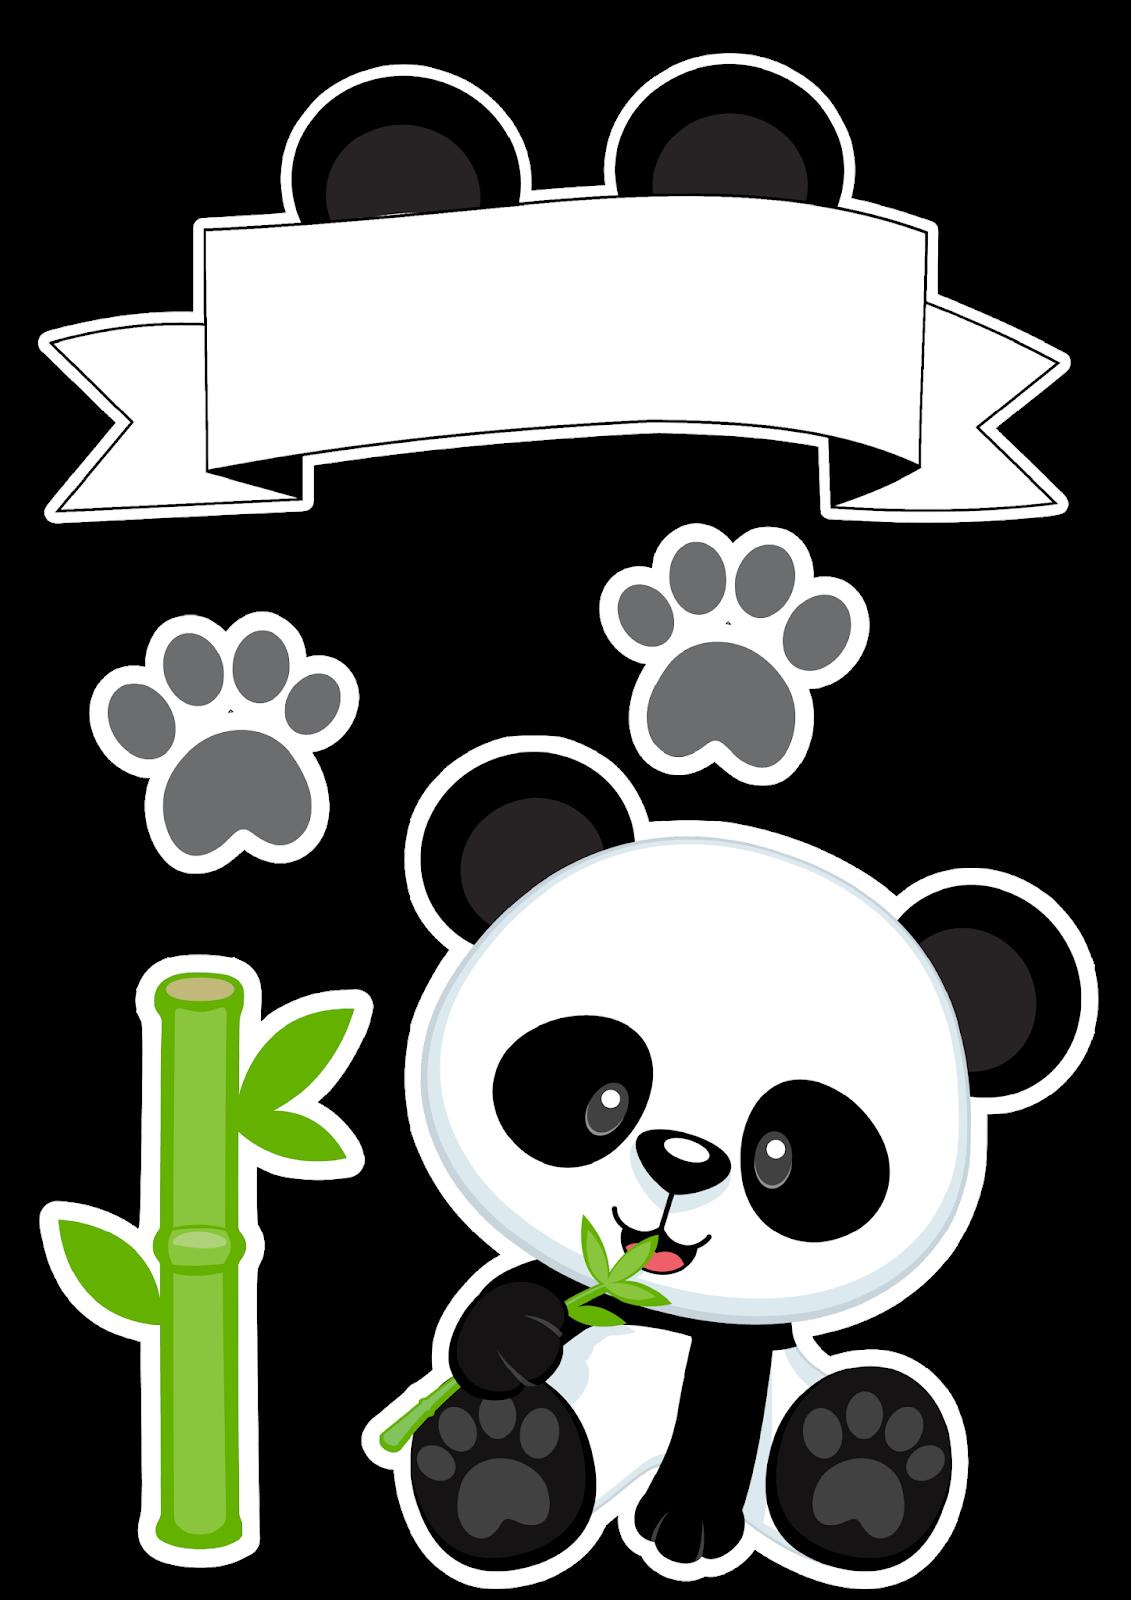 Para Mi Fiesta Decoraciones De Panda Baby Showers De Pandas Fiesta De Panda